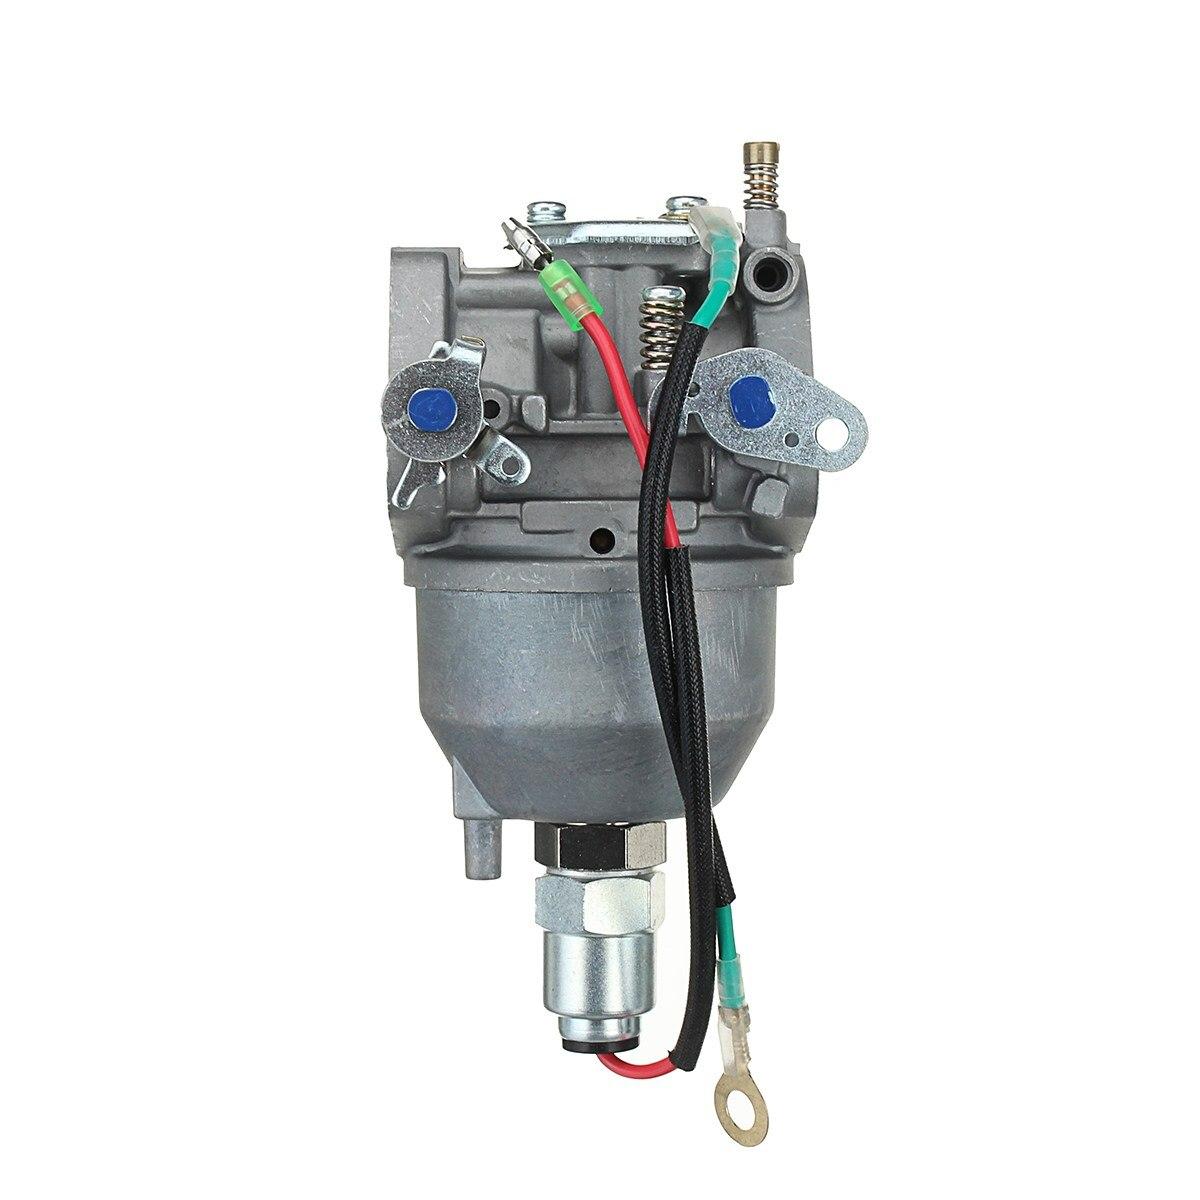 carburetor carb 2405350 s 2485350 s for kohler cv18s cv20s cv22s rh aliexpress com kohler command cv18s manual CV18S Kohler Command Pro